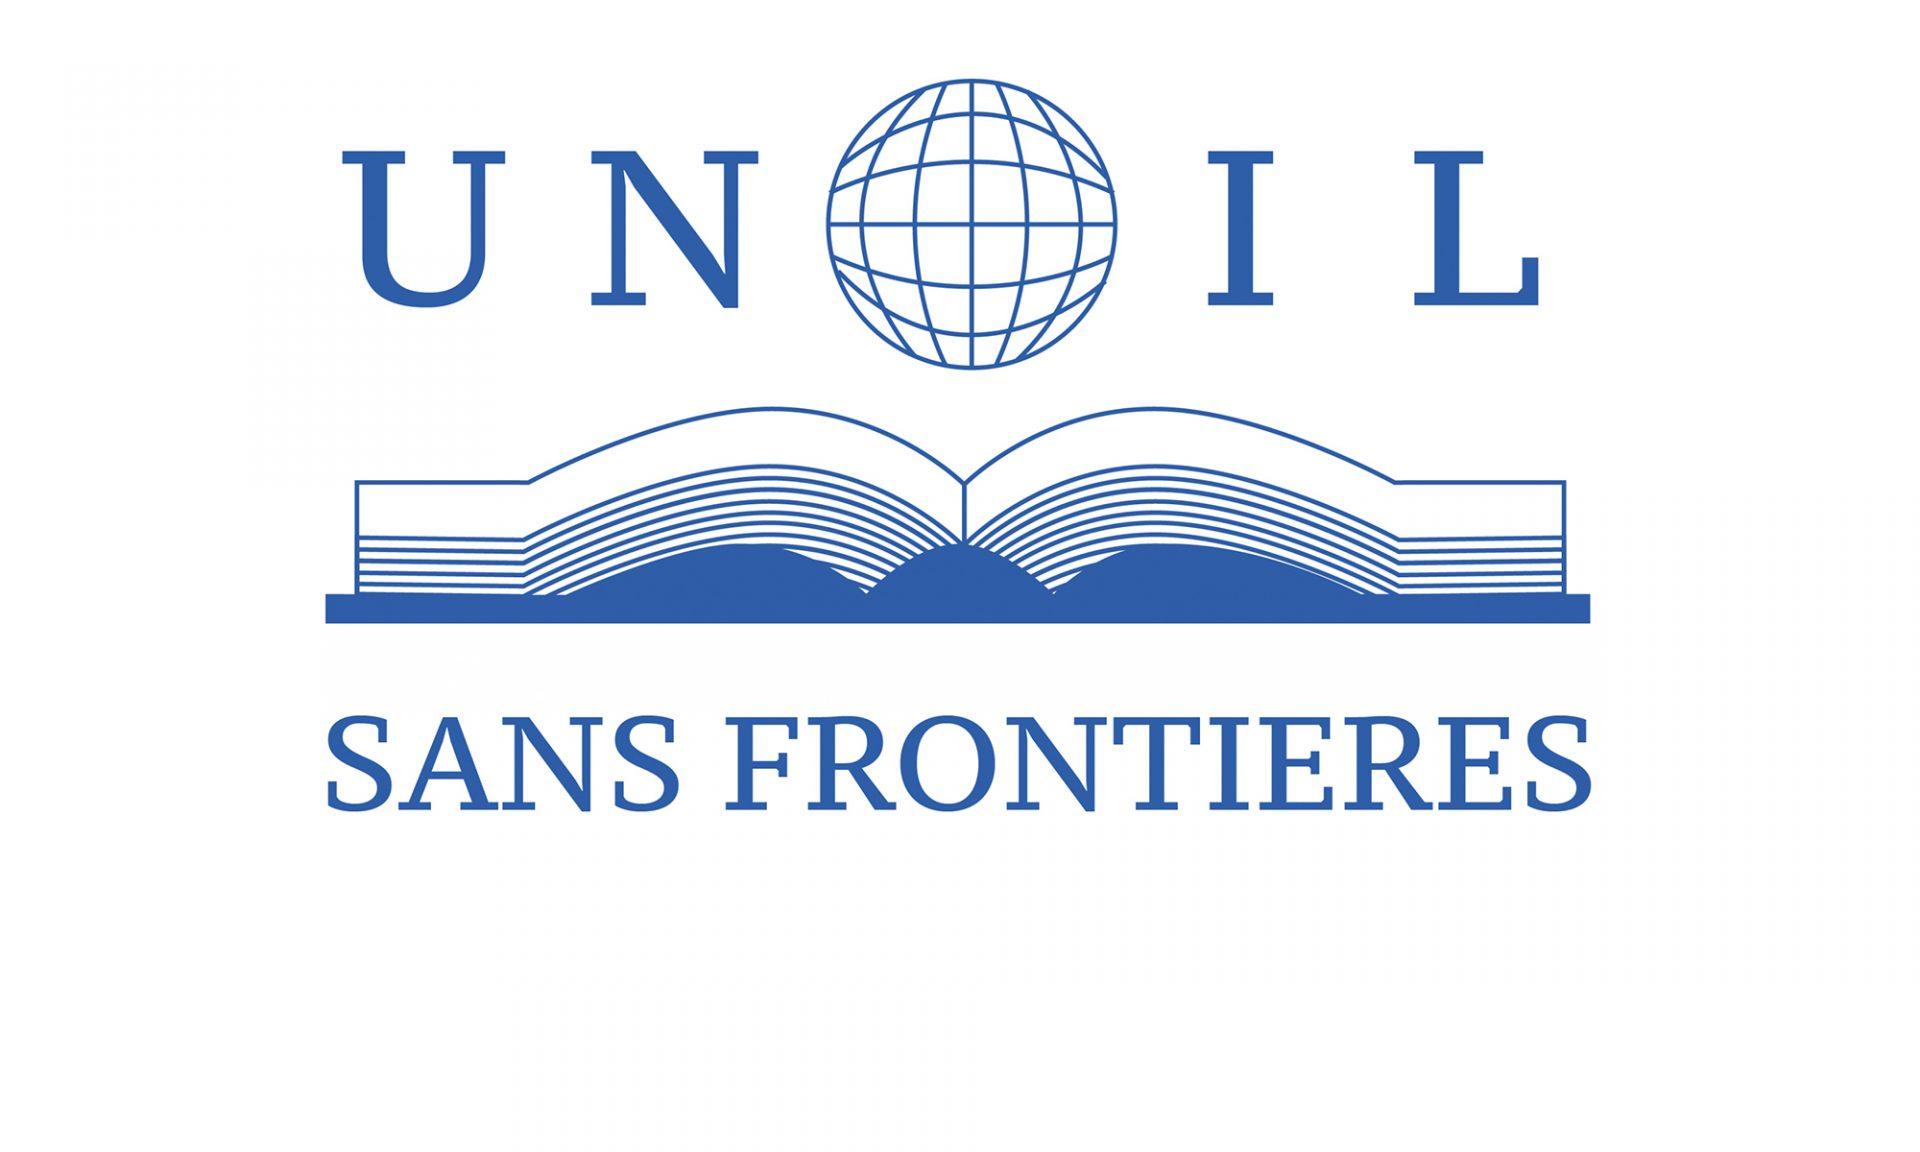 UNIL sans frontières